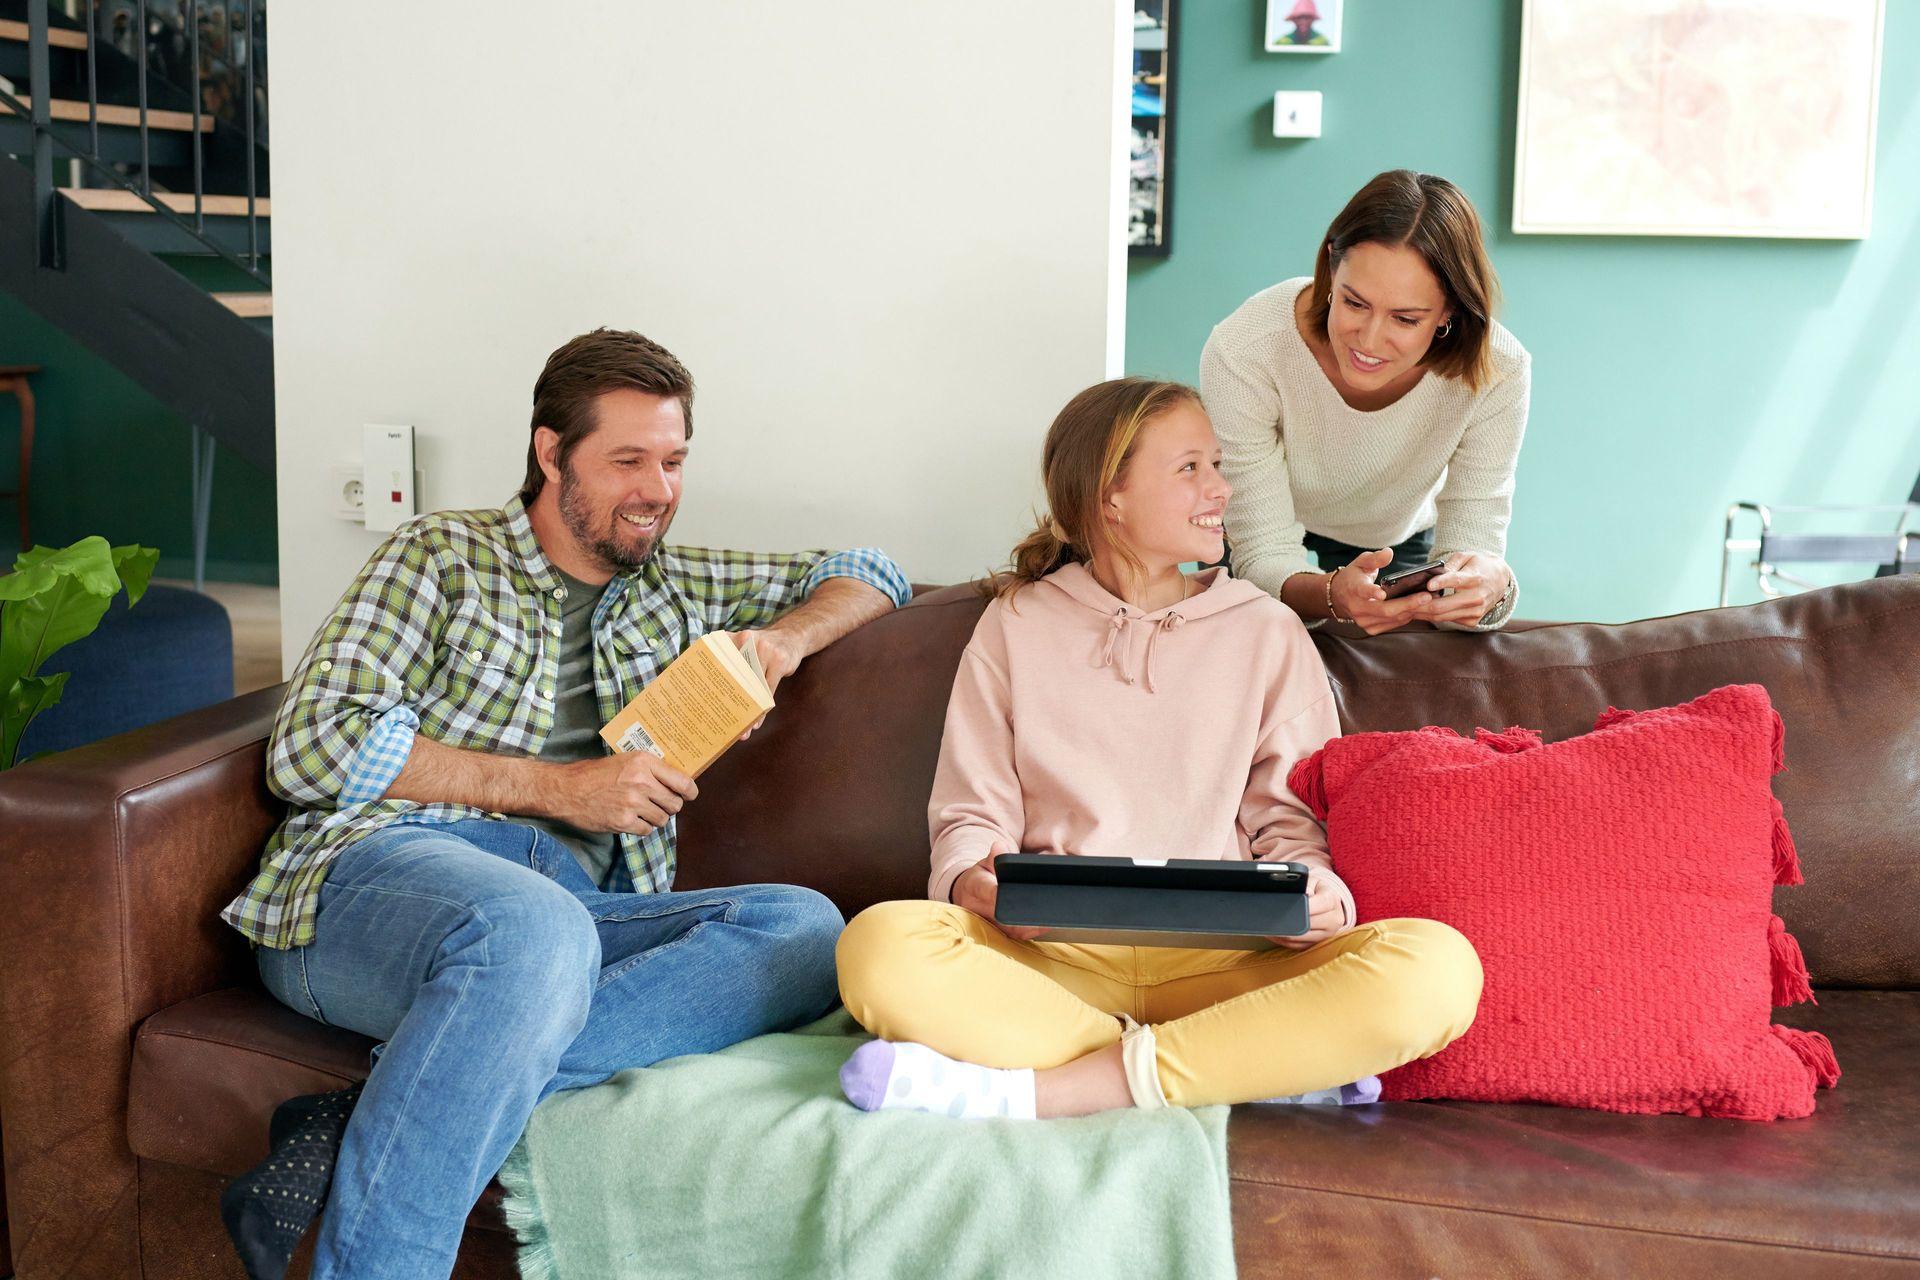 tv.internet.telefon. - media.3 - tv.inet.tel.